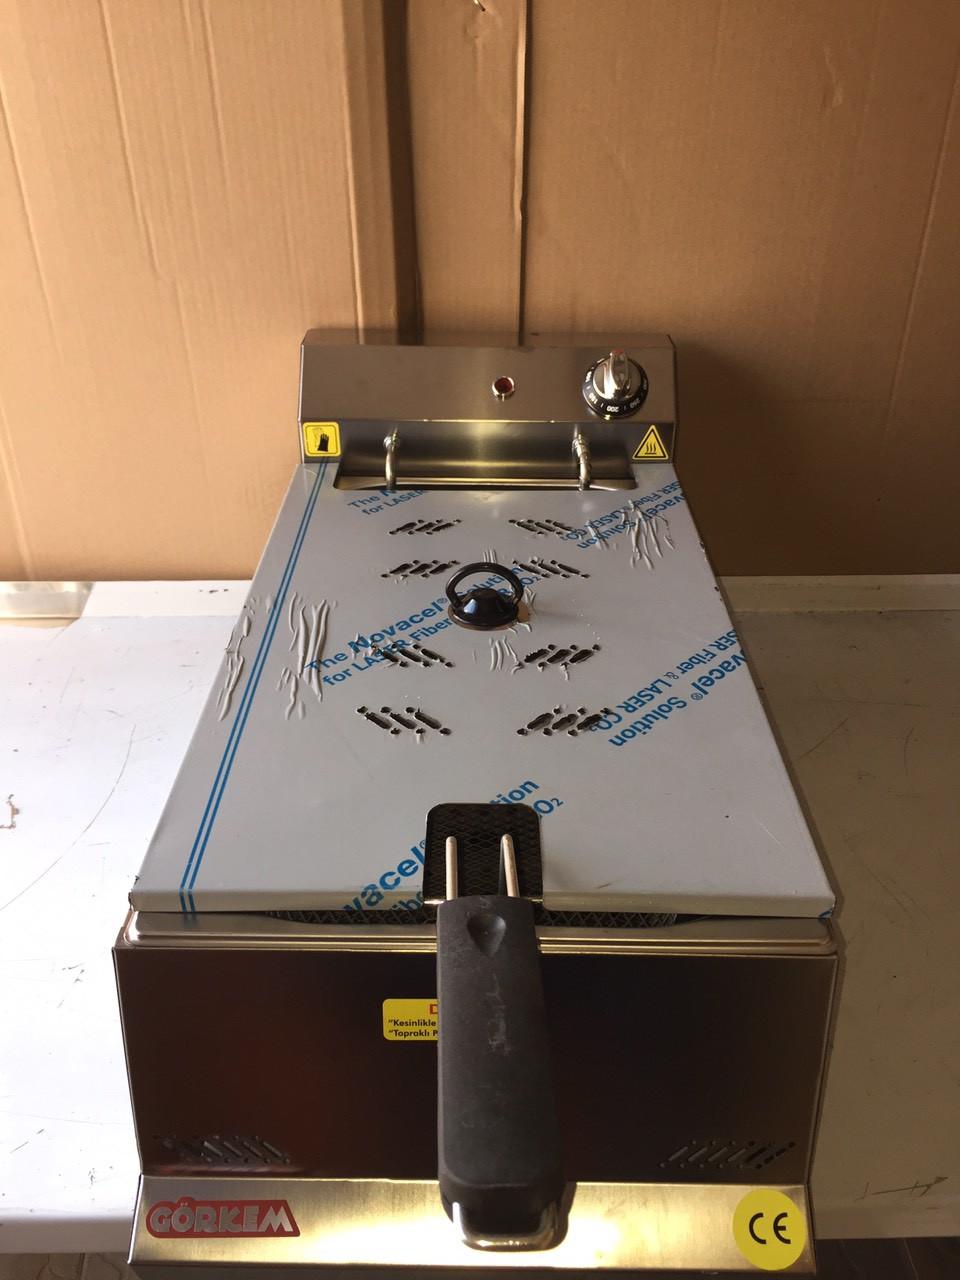 Görkem: Фритюрница электрическая фритюр Görkem FE 10 (10 литров)